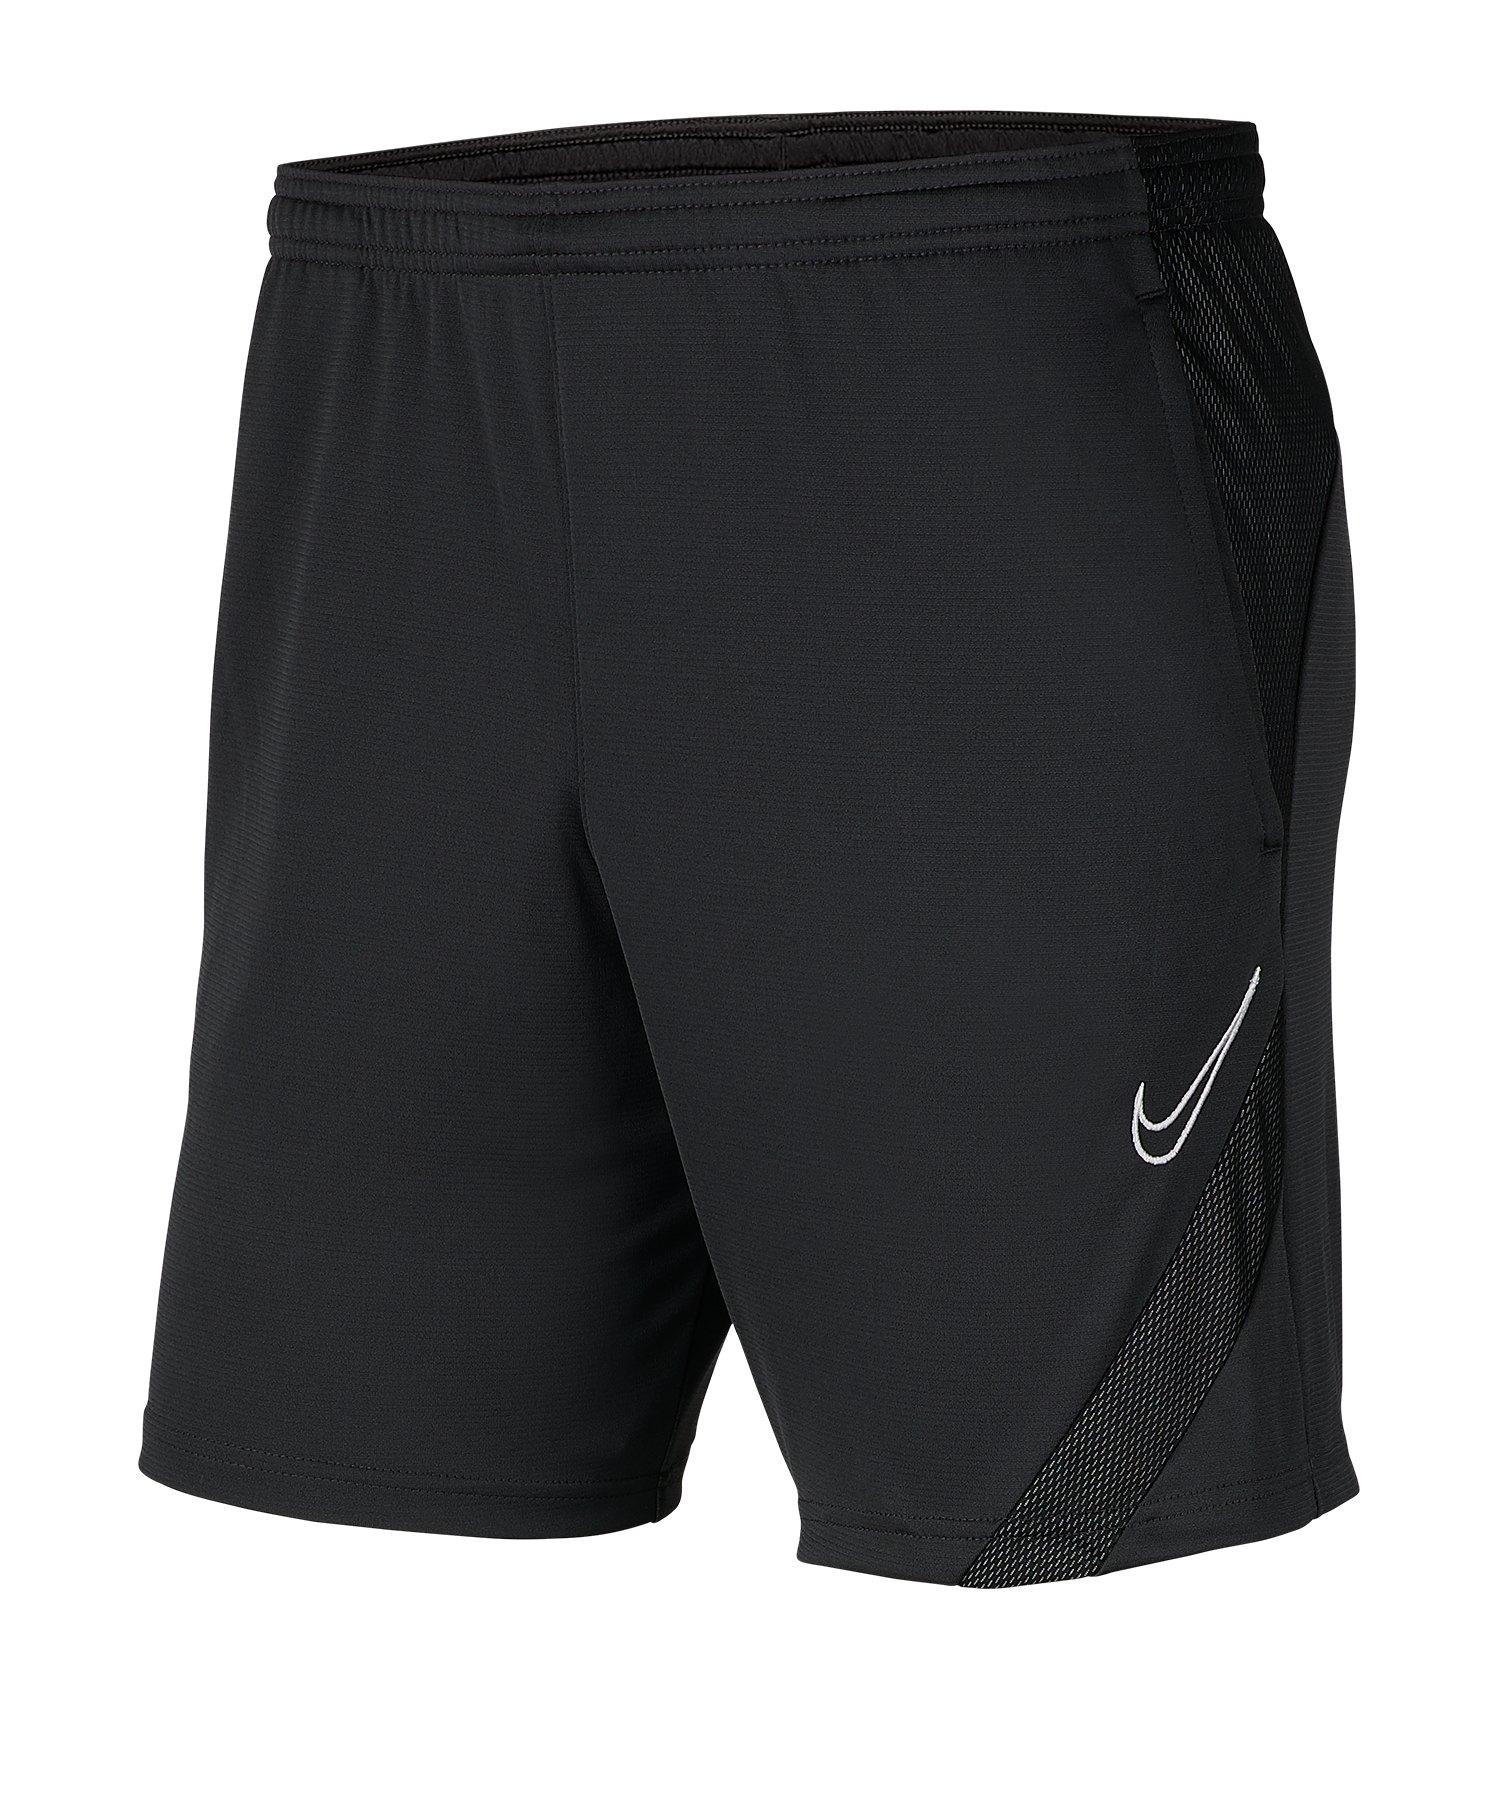 Nike Academy Pro Short Grau Schwarz F061 - grau